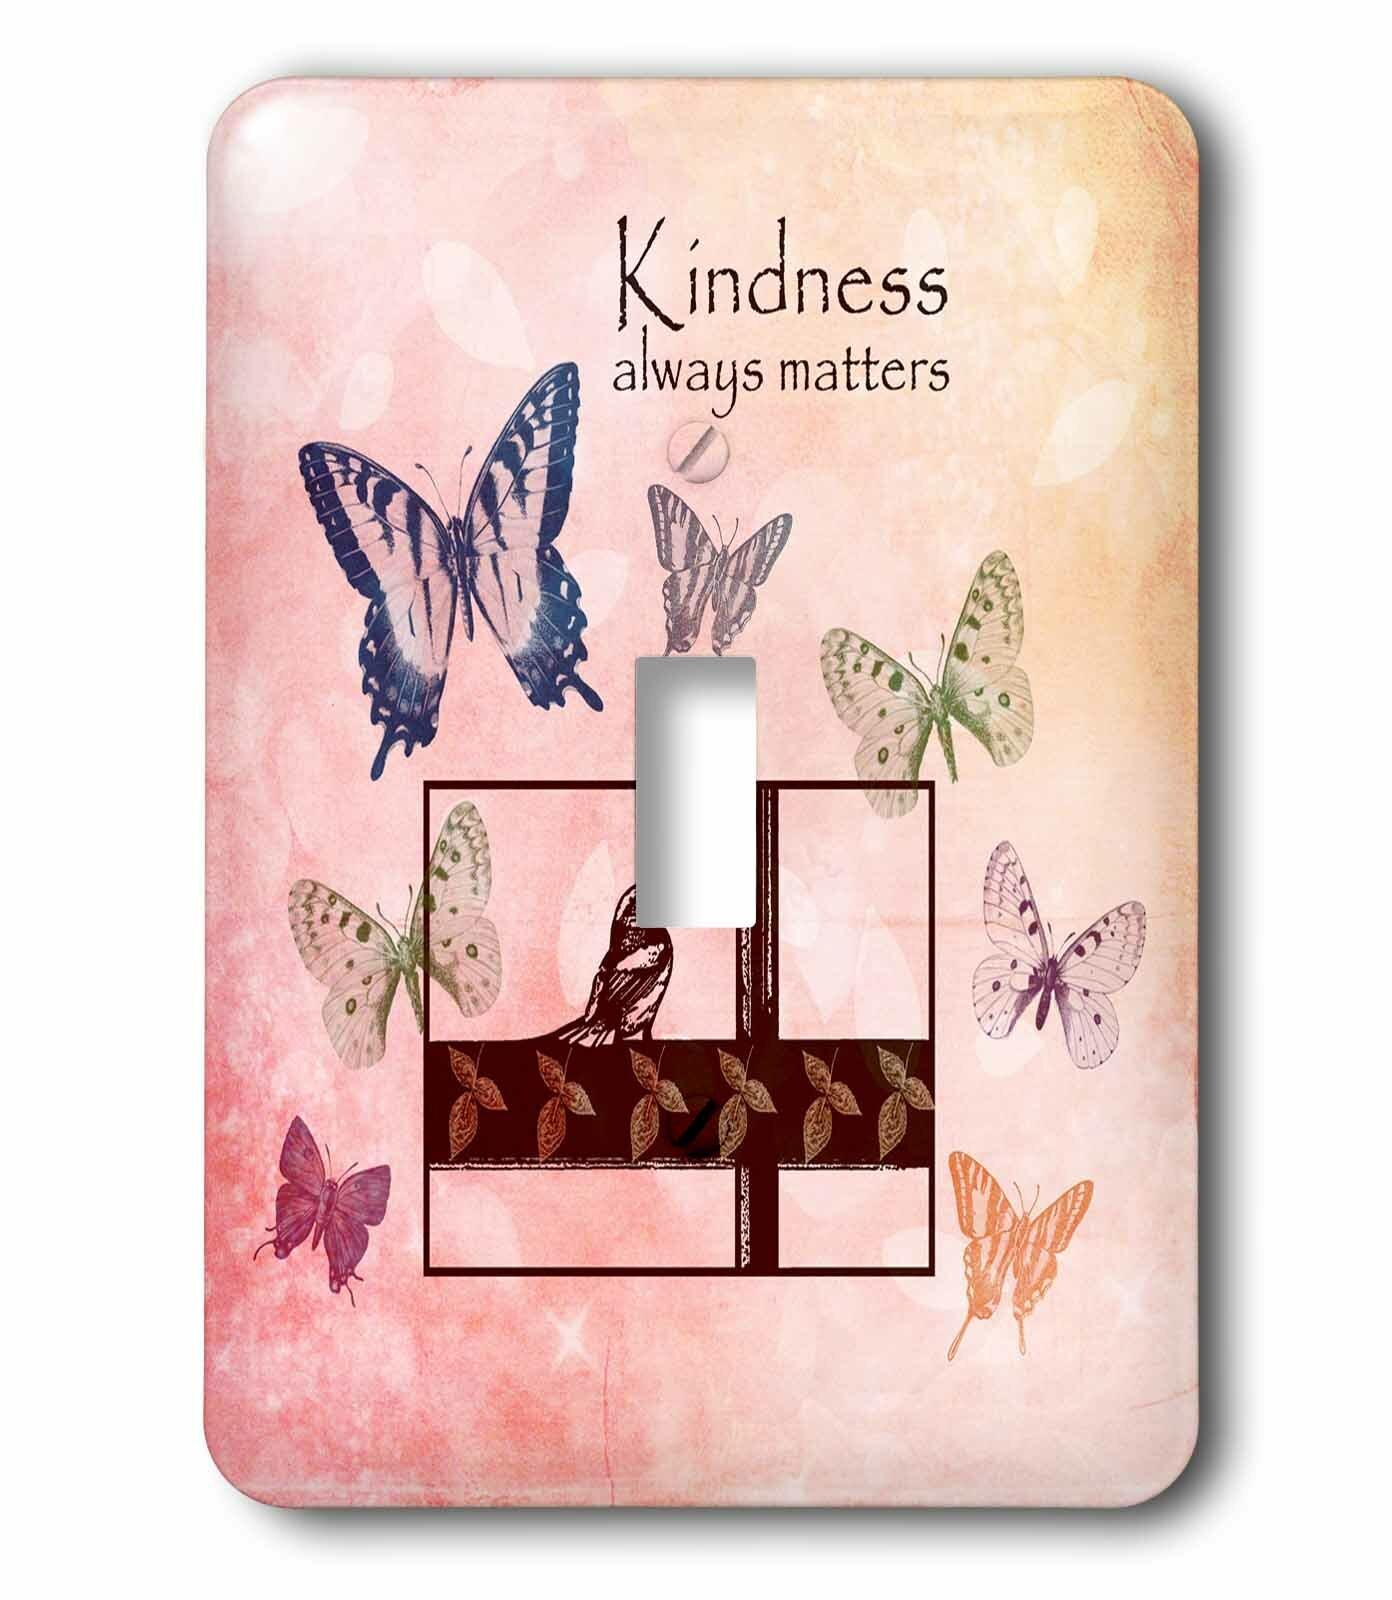 3drose Kindness Matters Butterflies Inspirational Art 1 Gang Toggle Light Switch Wall Plate Wayfair